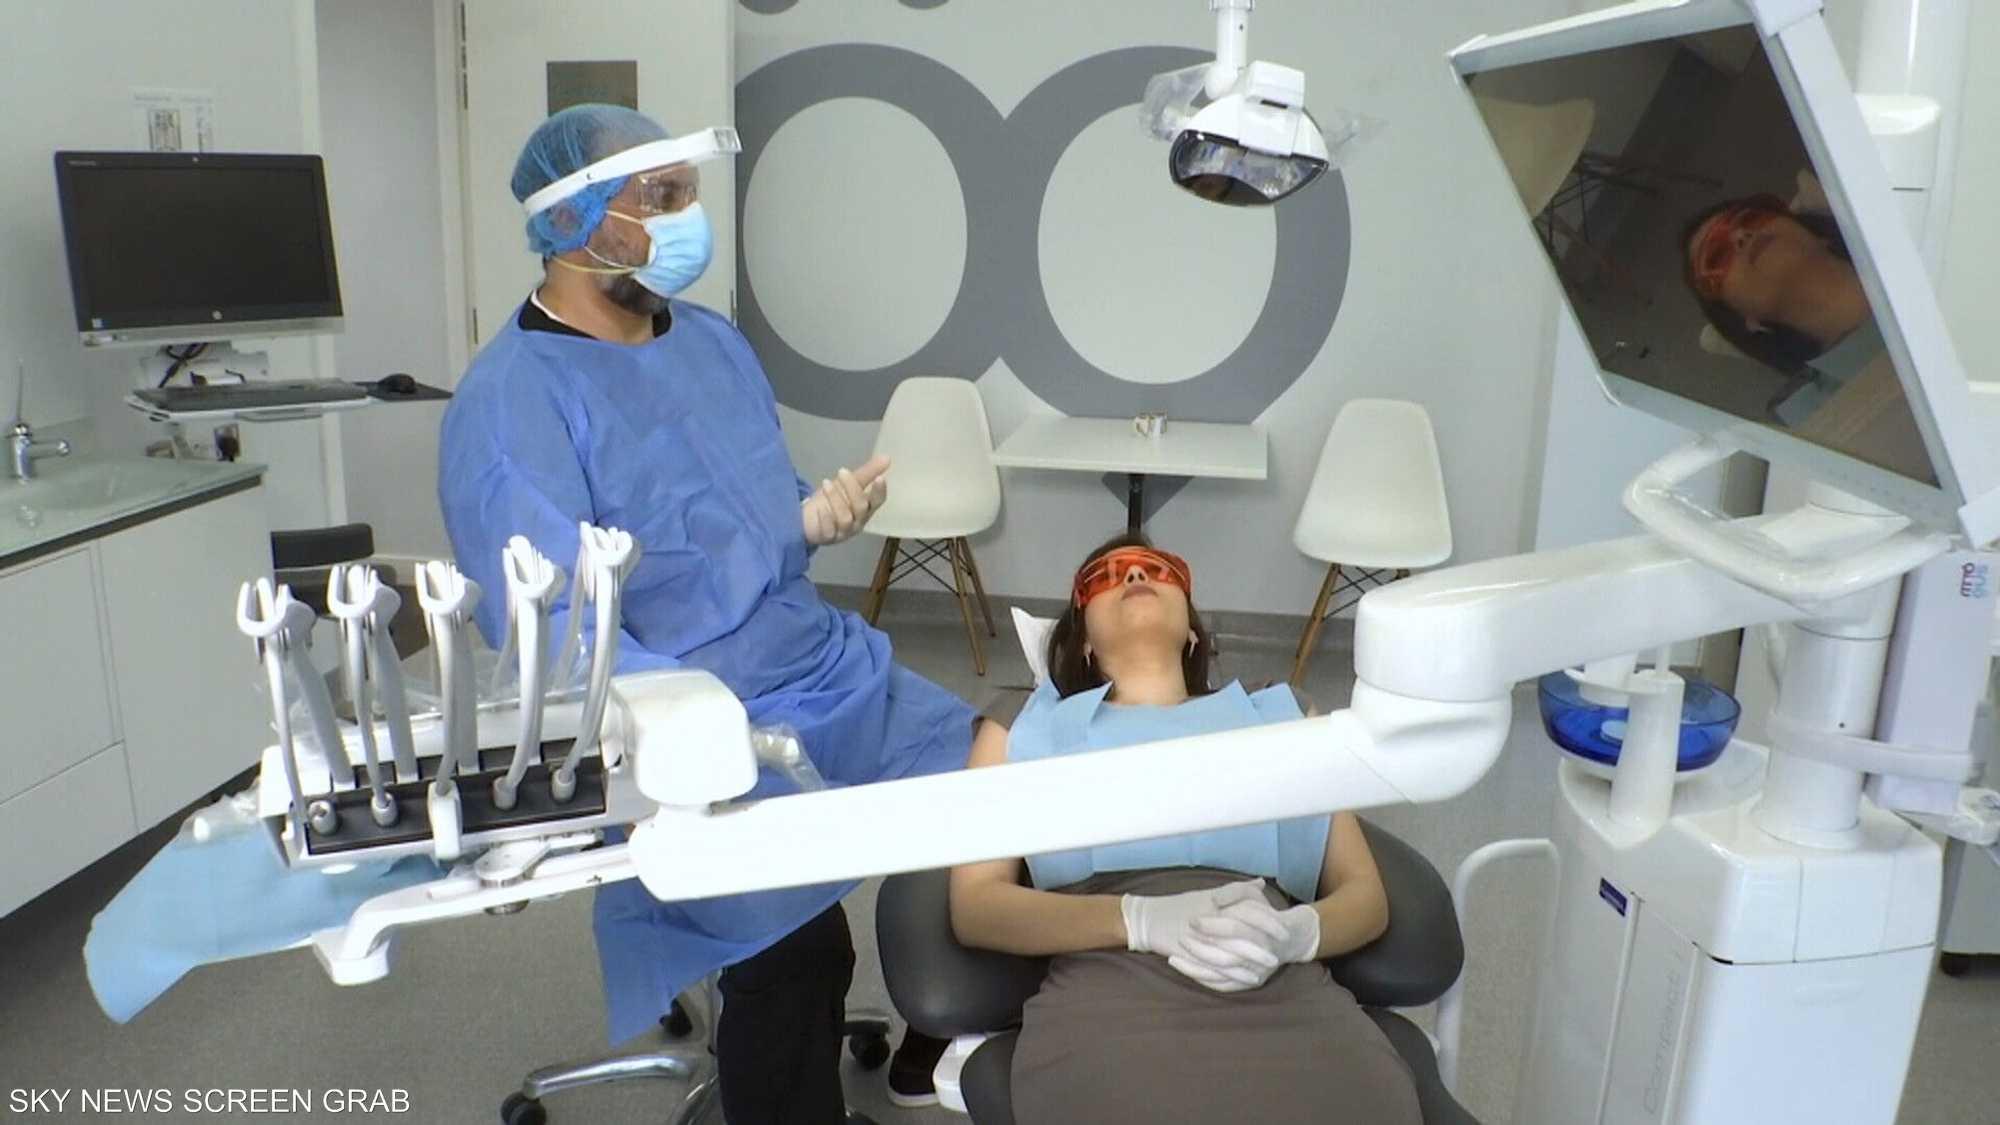 كيف تكيفت مهنة طب الأسنان مع الظروف التي فرضها كورونا؟